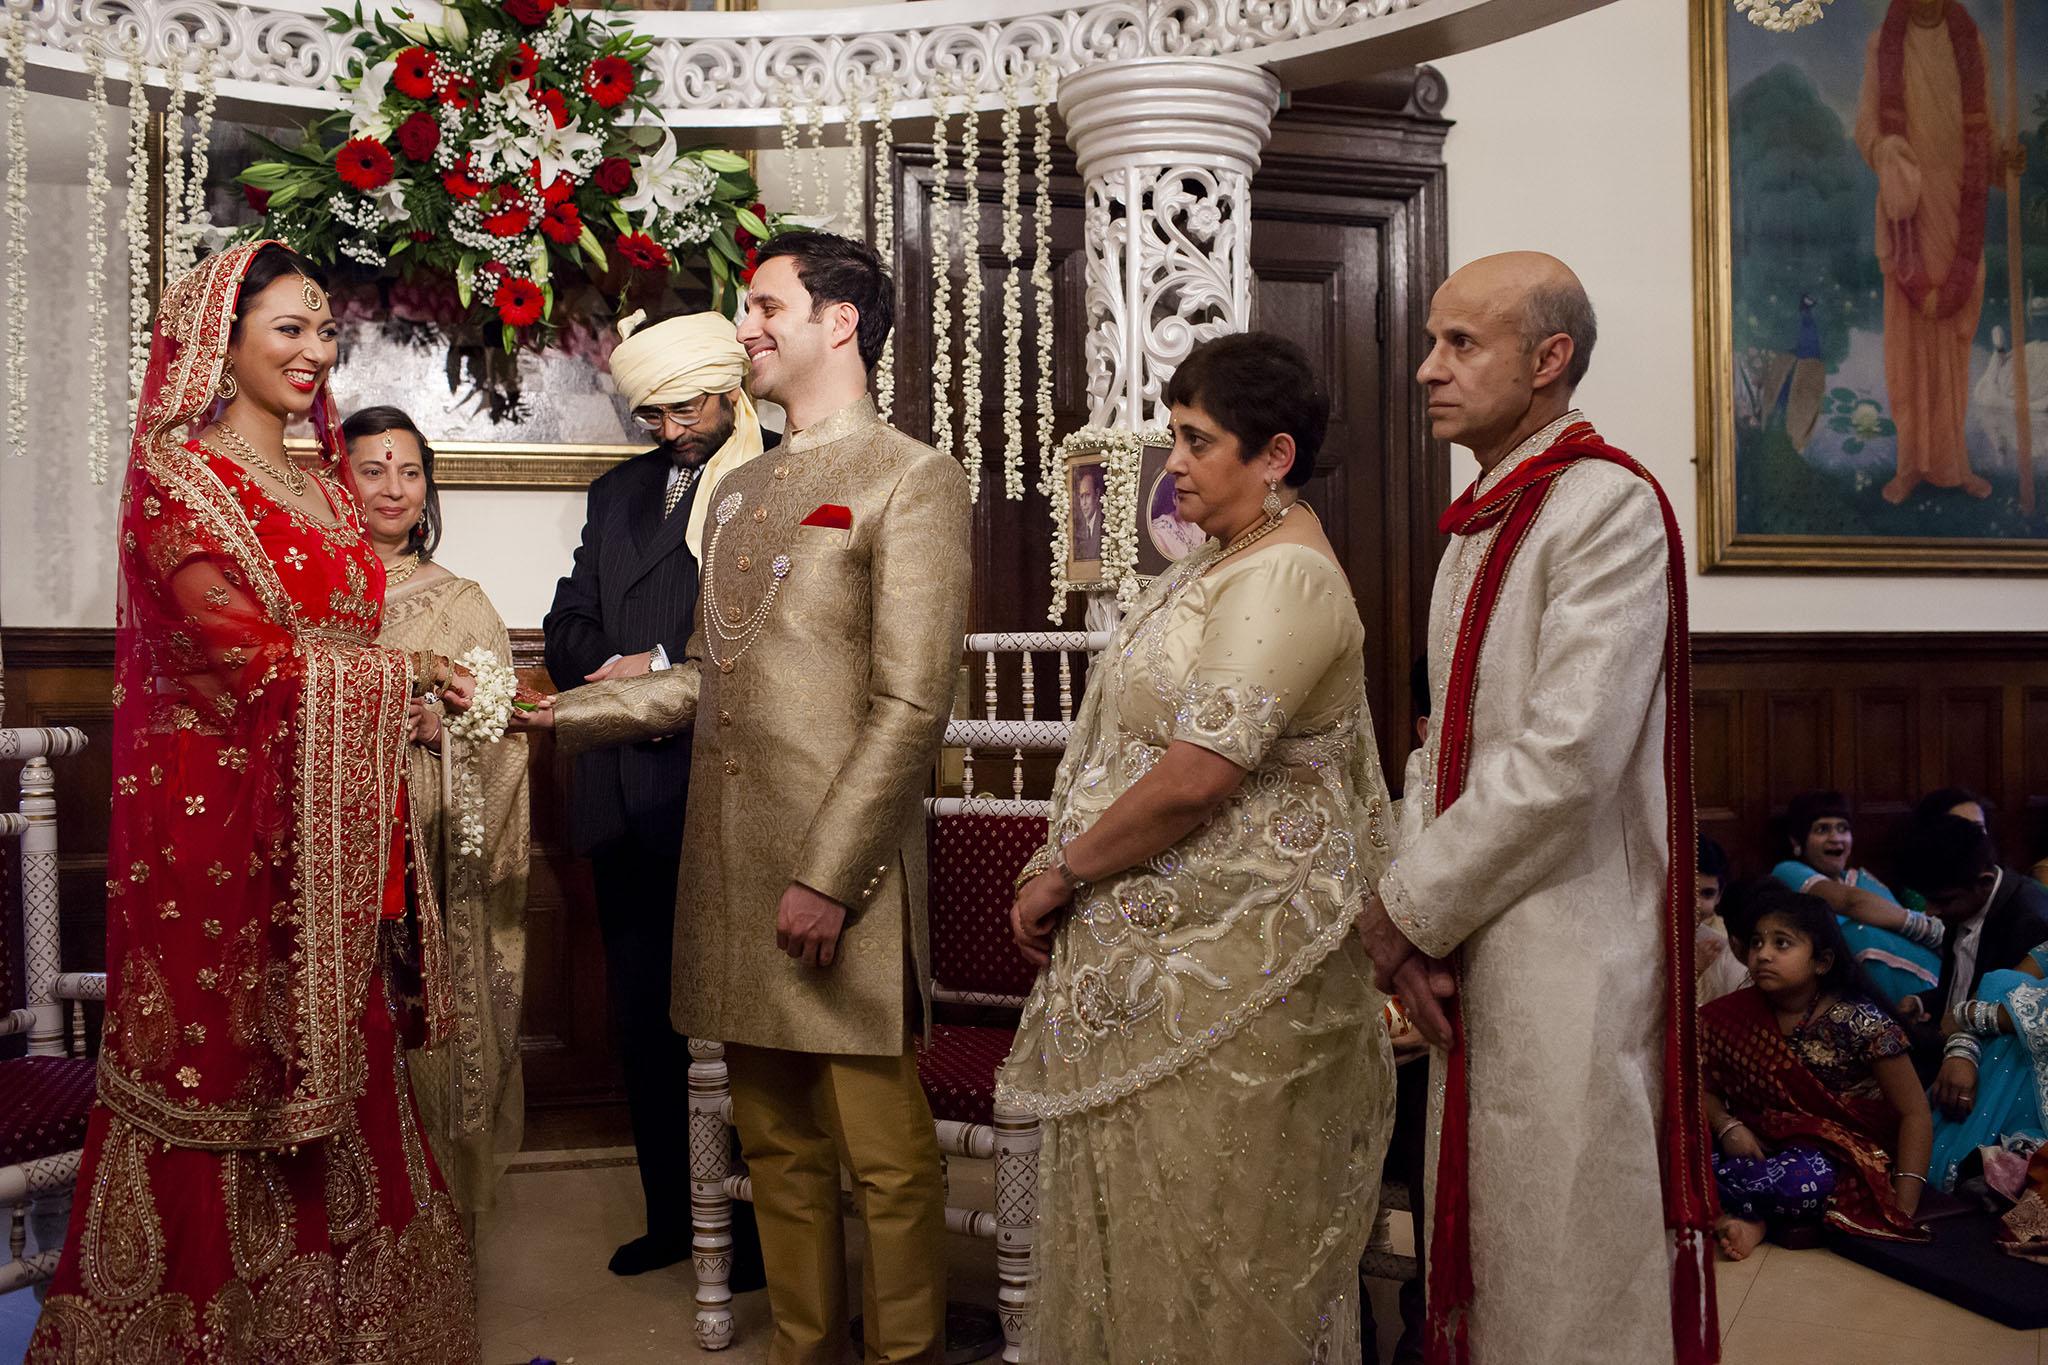 elizabethgphotography_kingslangley_hertfordshire_fineart_indian_wedding_photography_bhavesh_kundalata_bhaktivedanta_manor_watford_jpg28.jpg